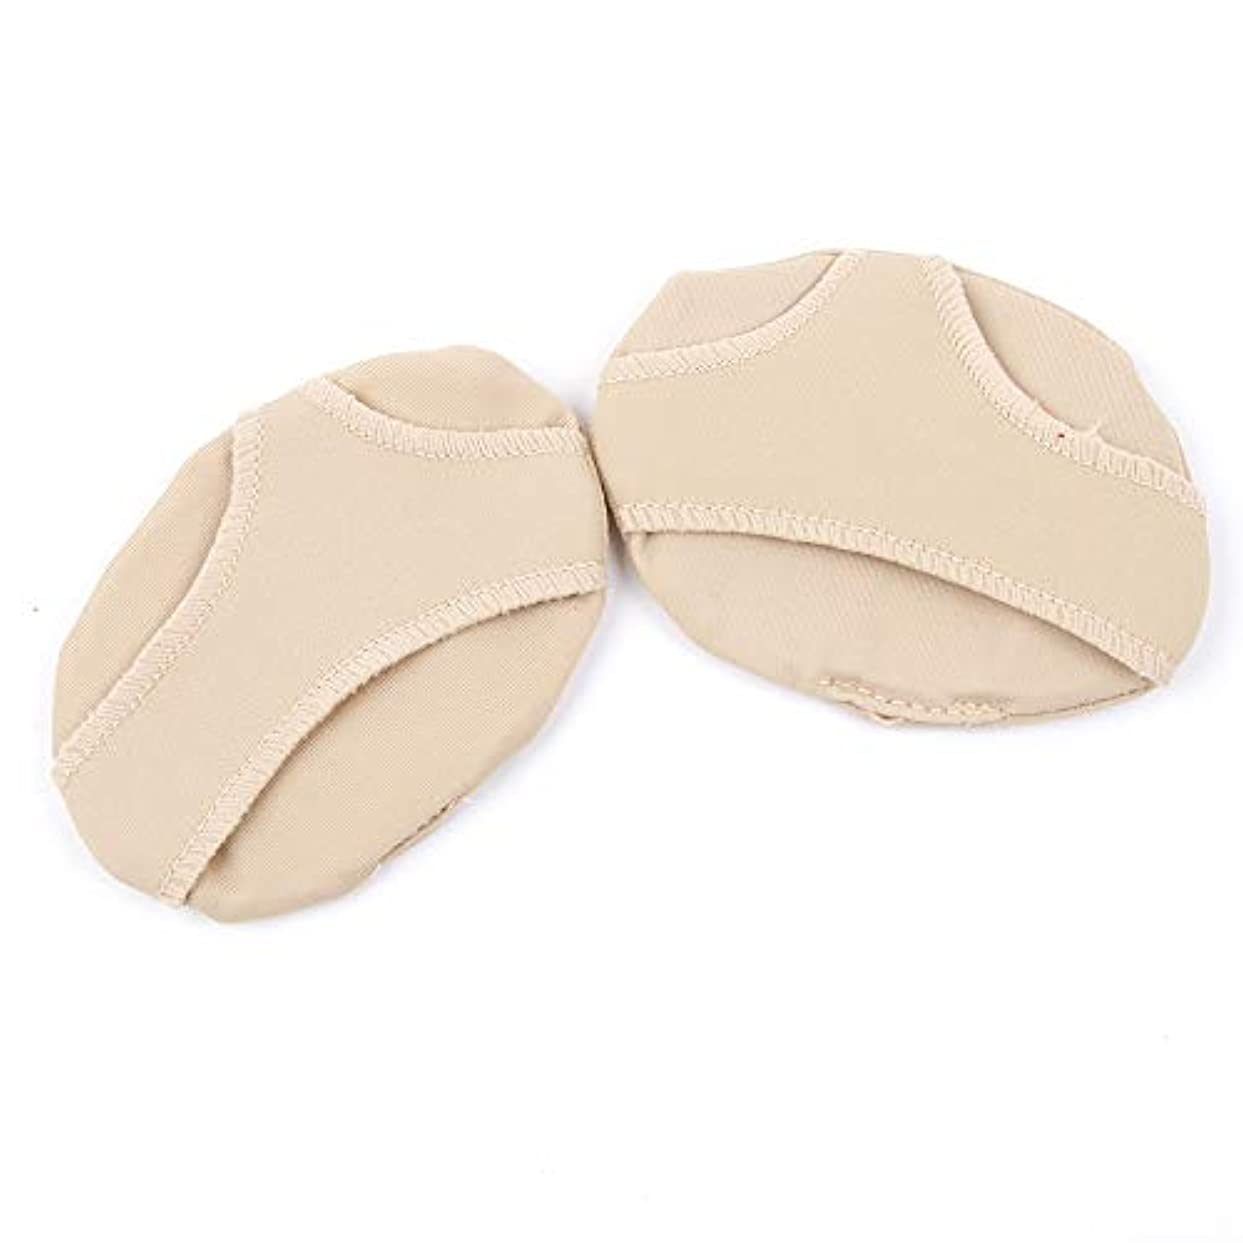 チップ素晴らしき電子レンジRAYNAG 足裏サポート 前足パッド ふんわりパッド 足裏保護 フットケア 足の疲れ 痛み緩和 滑り止め 柔軟性 健康グッズ Mサイズ 肌色 足底用(4個入り)